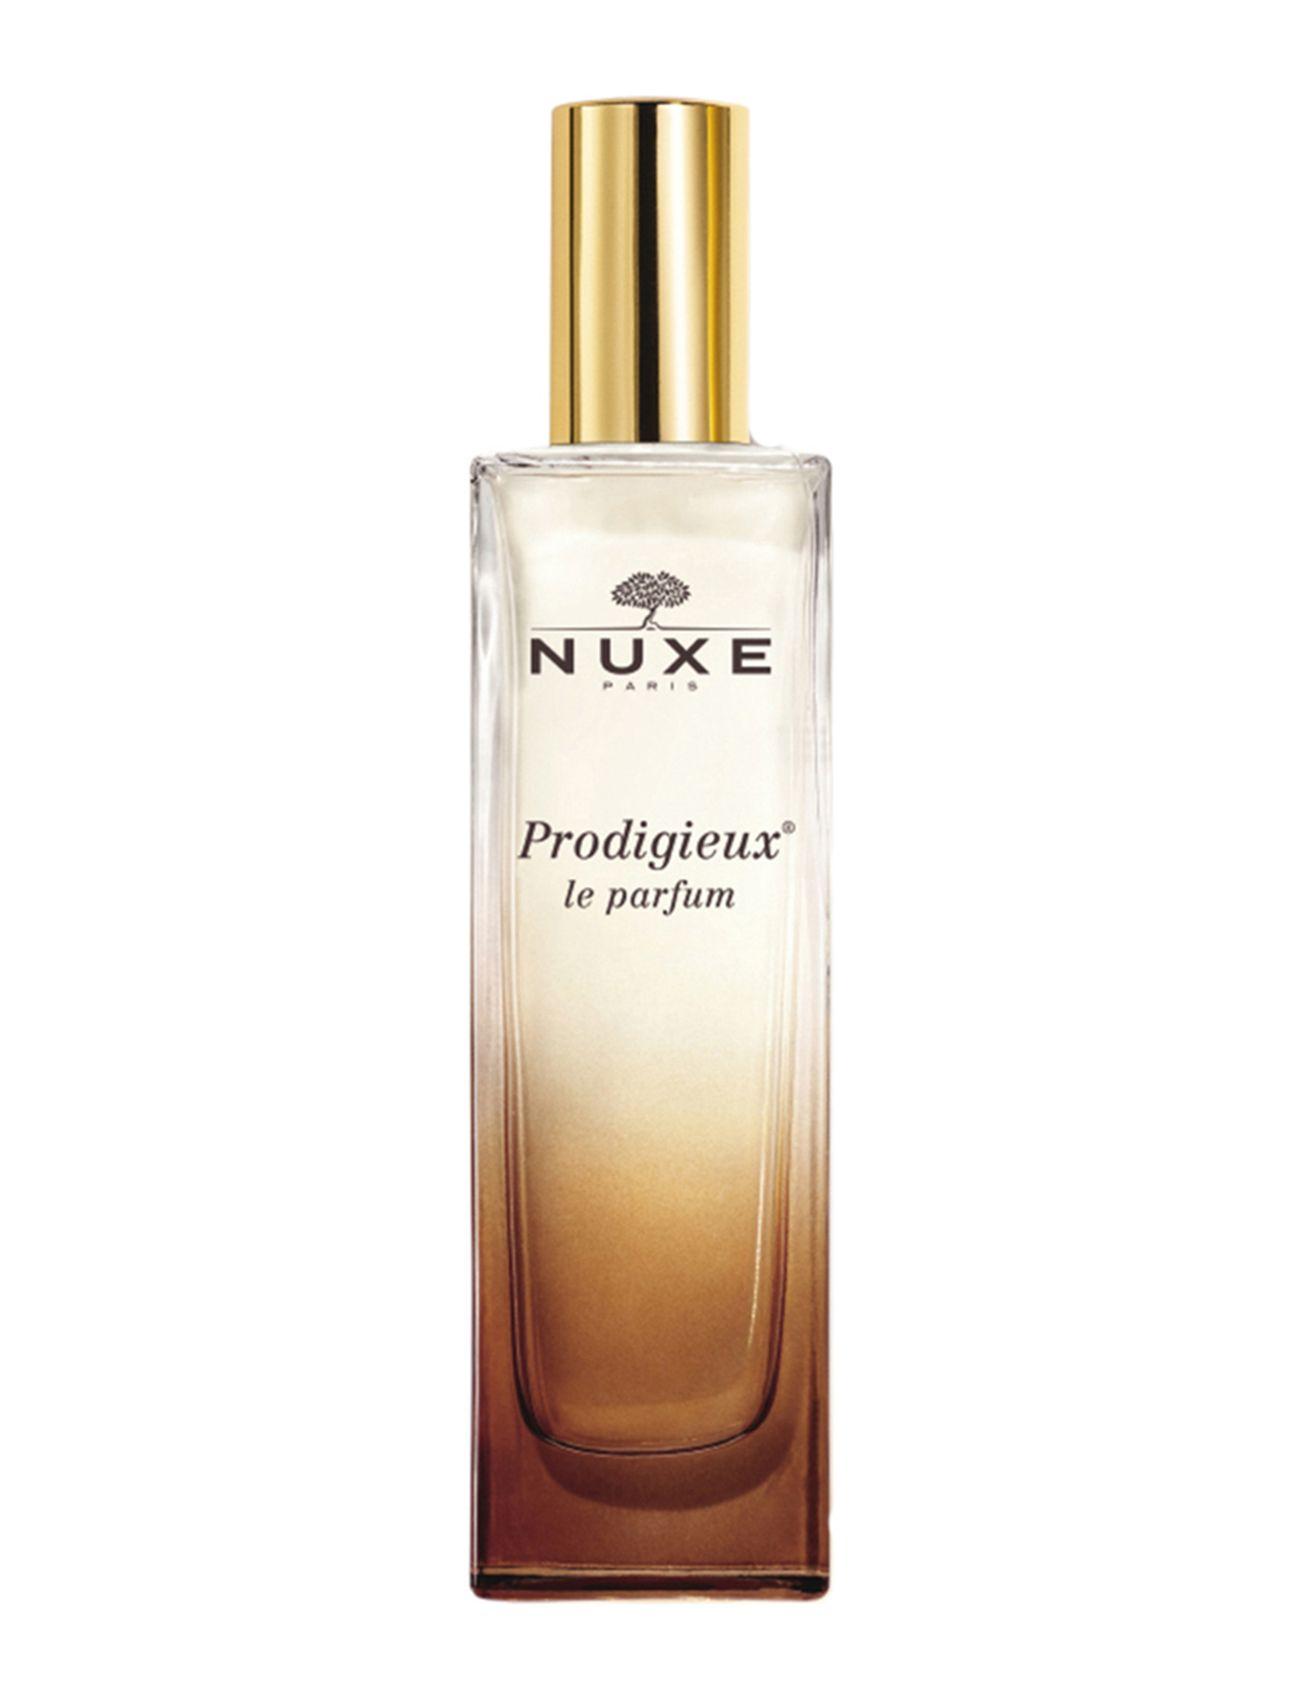 NUXE PRODIGIEUX LE PARFUM - CLEAR